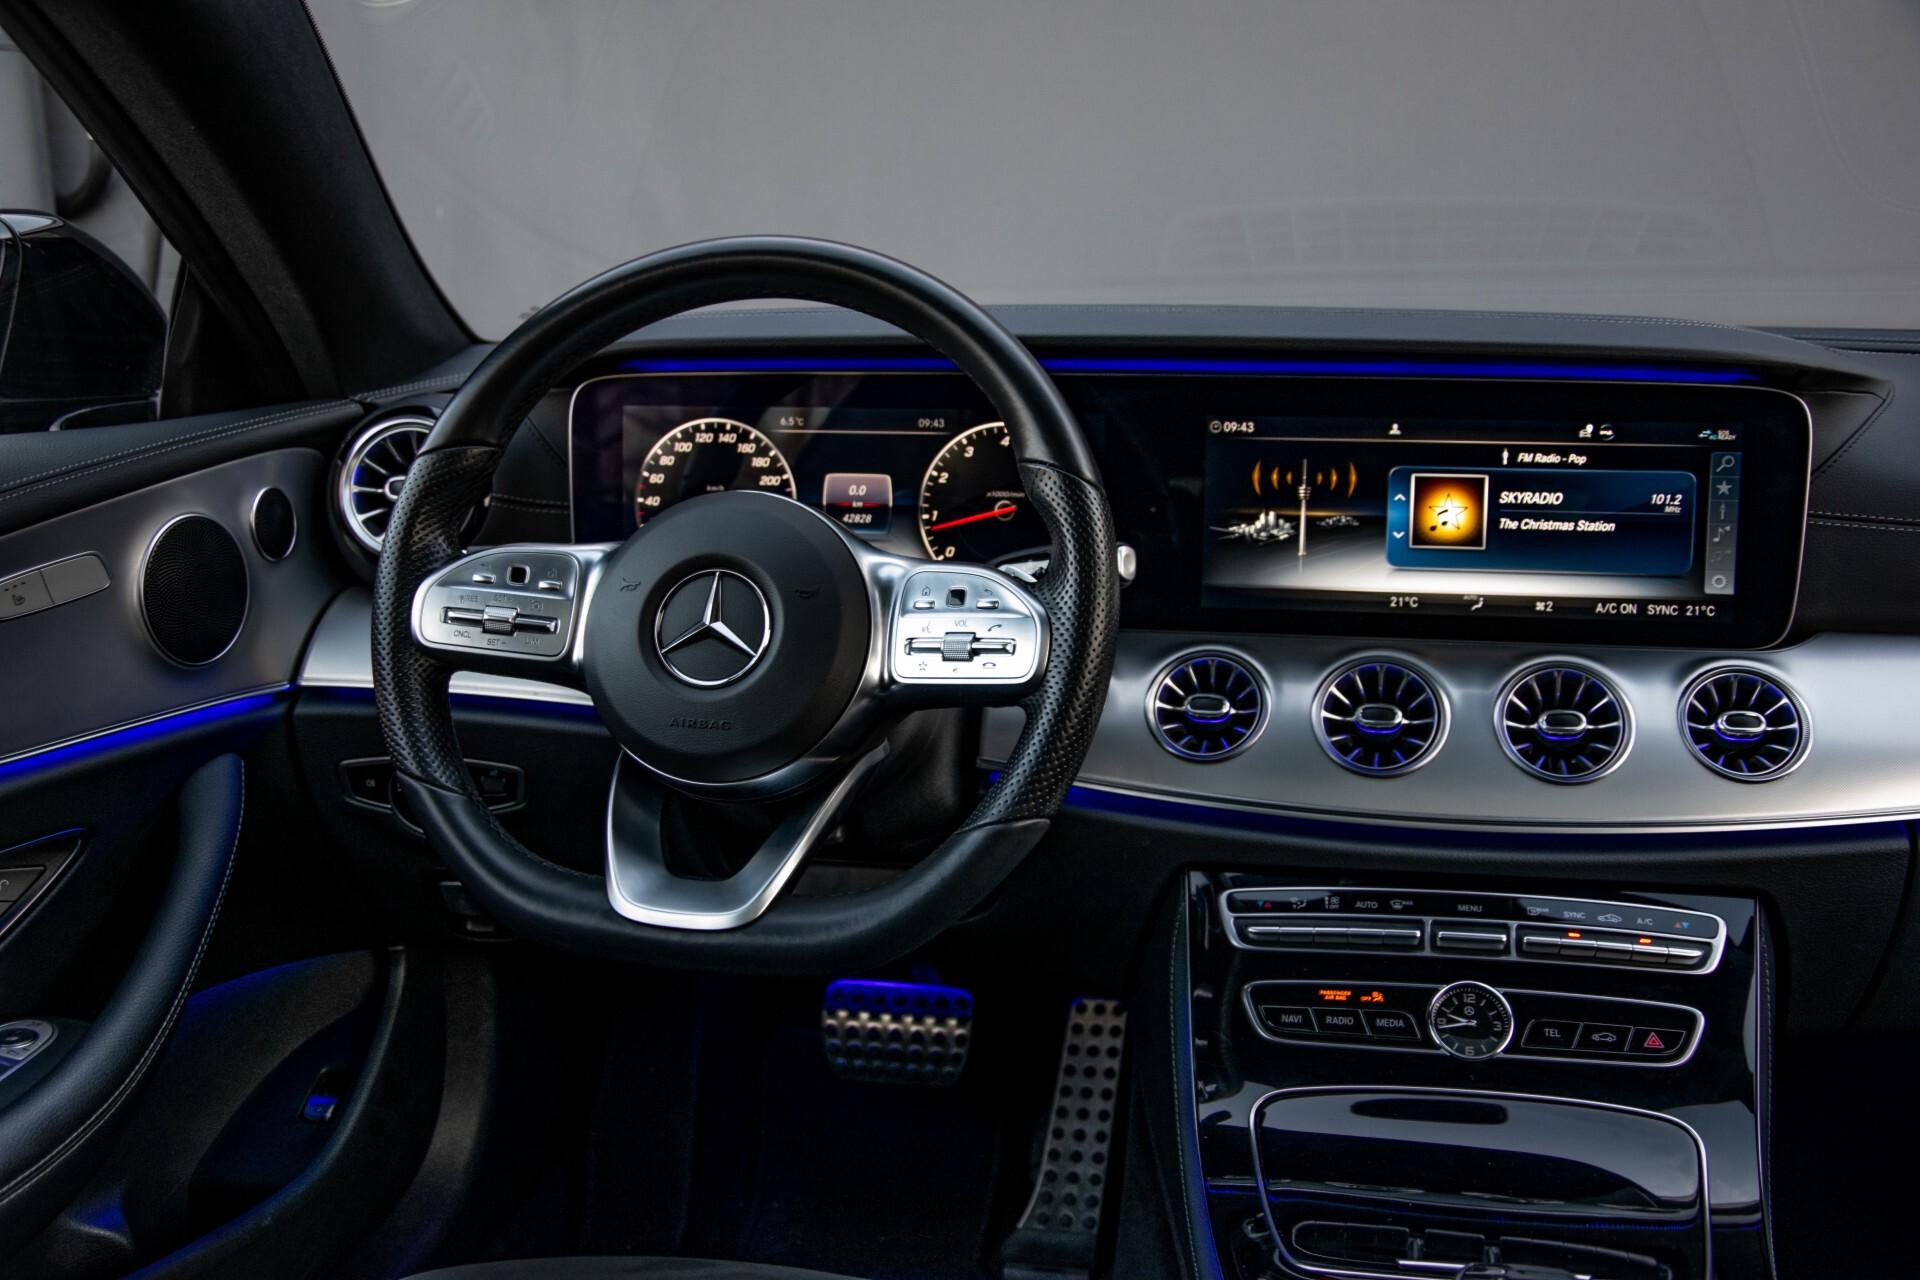 Mercedes-Benz E-Klasse Coupé 200 AMG Panorama/Night/Carbon/Premium/Widescreen/ILS Aut9 Foto 5